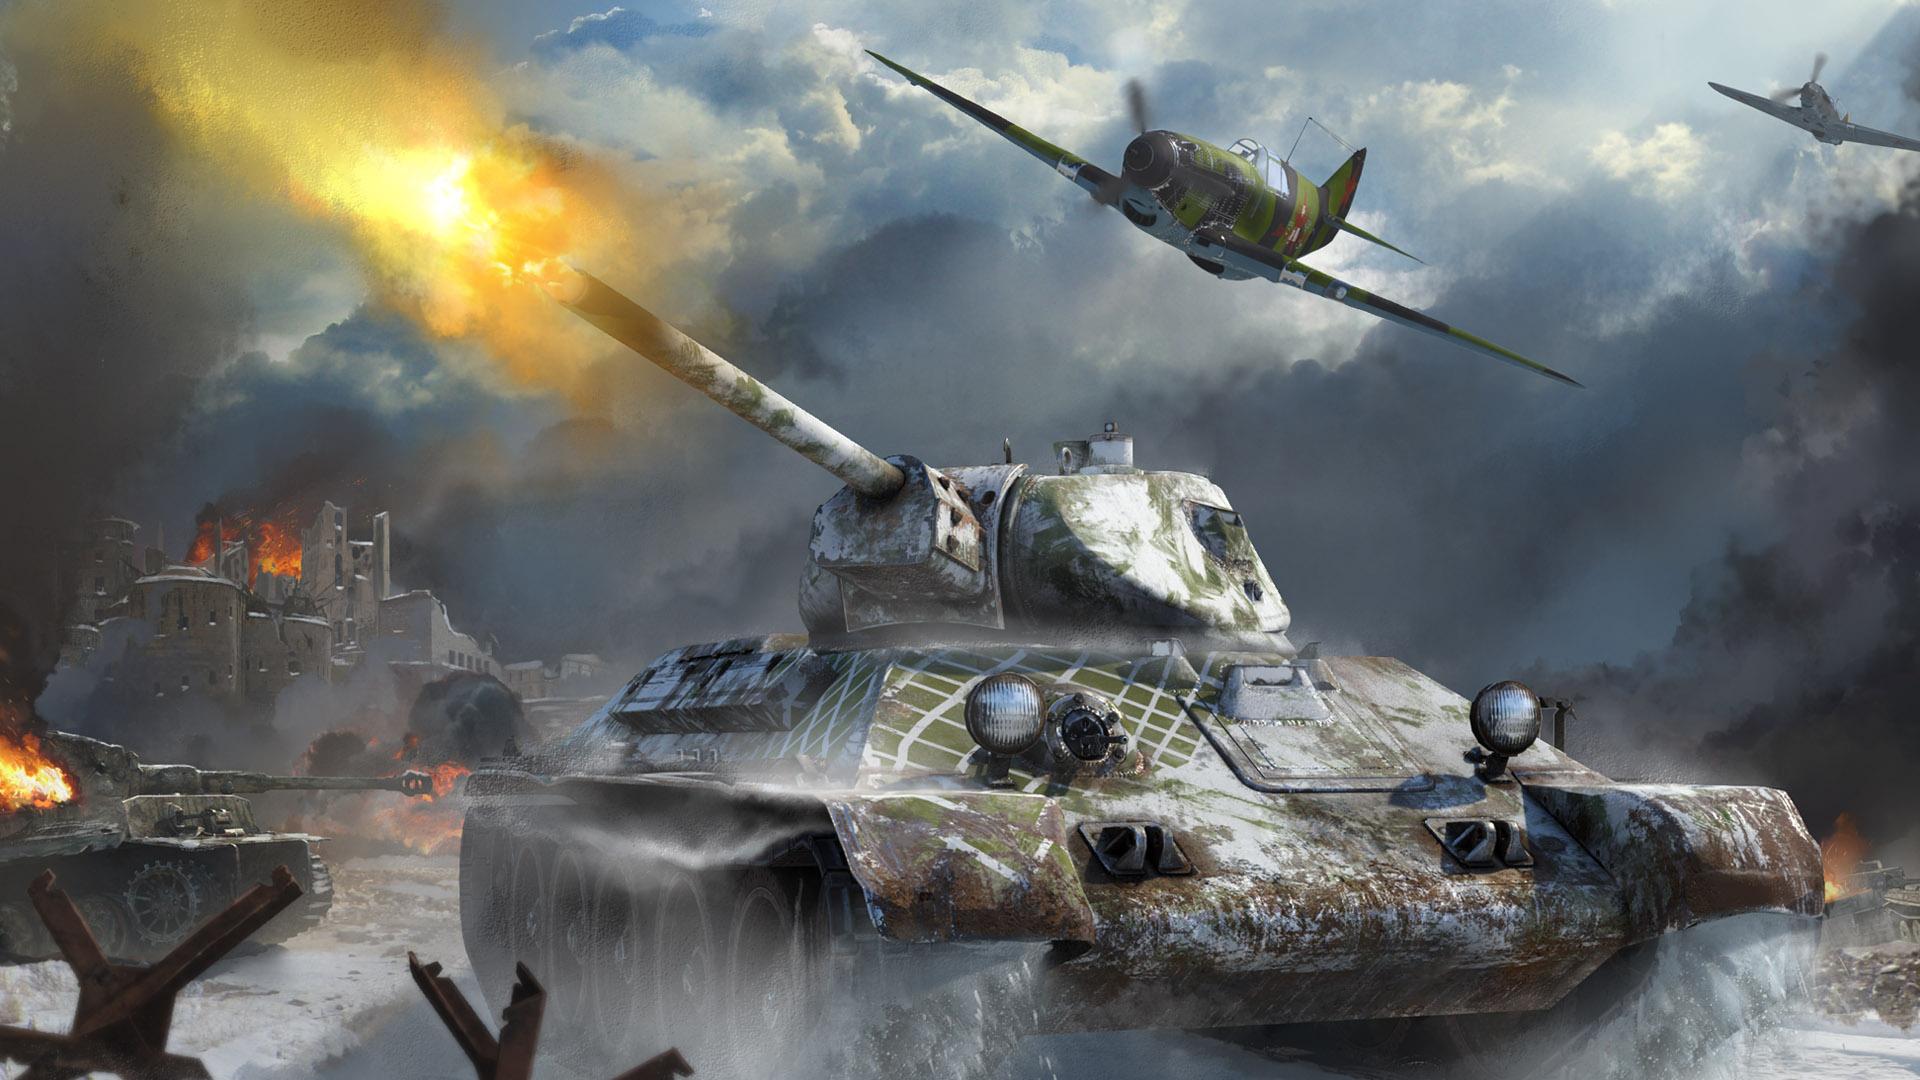 Обои вар тандер маус maus warthunder танк немецкий